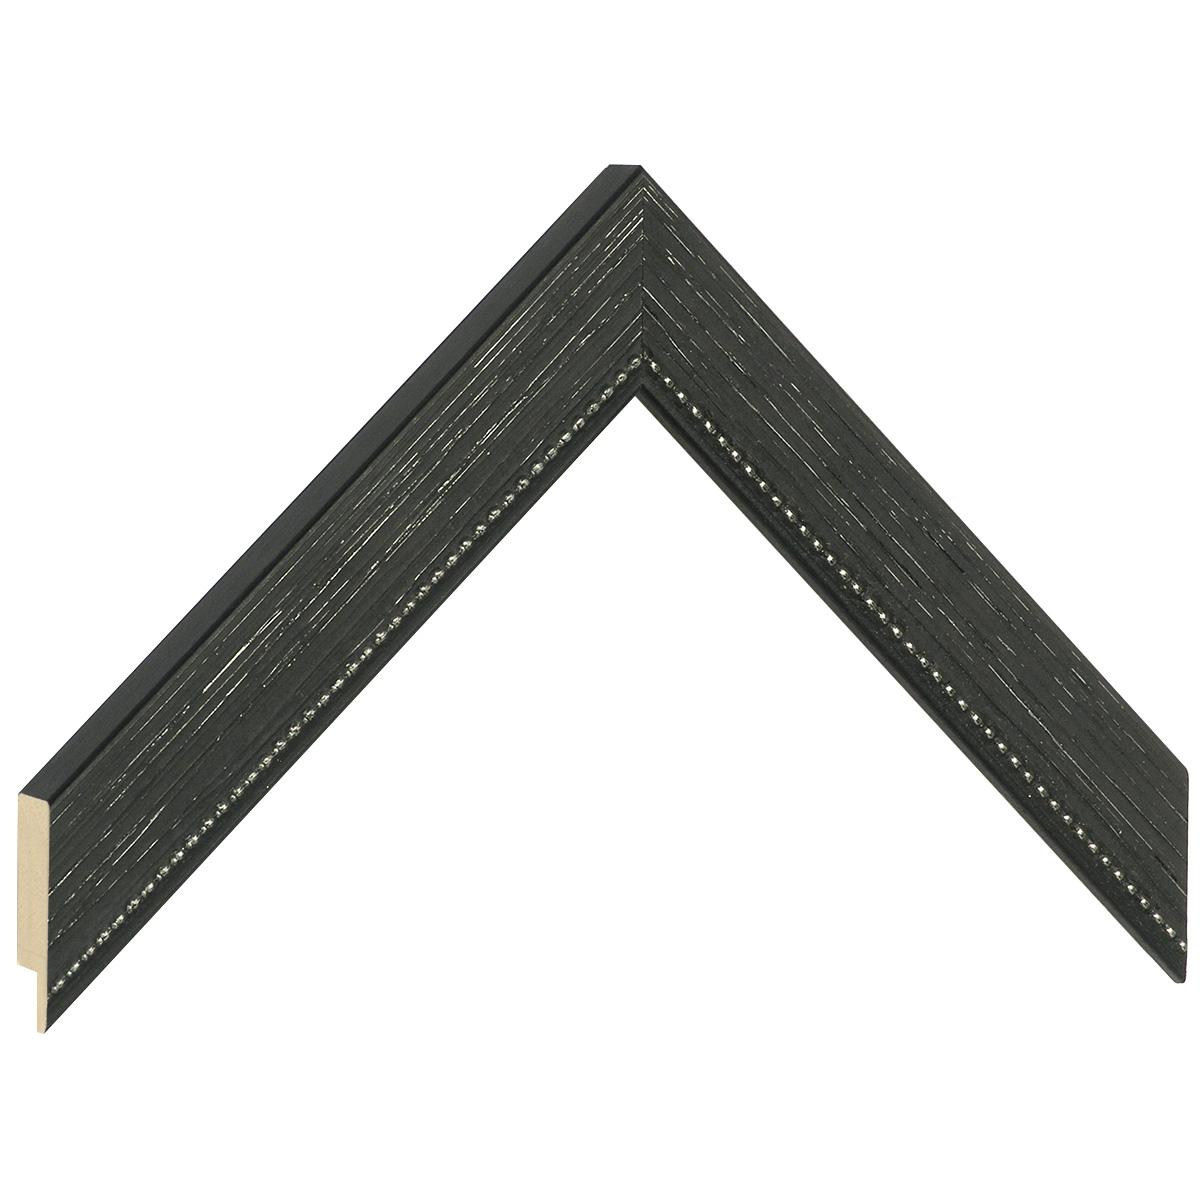 Moulding fir 28mm - matt finish, black